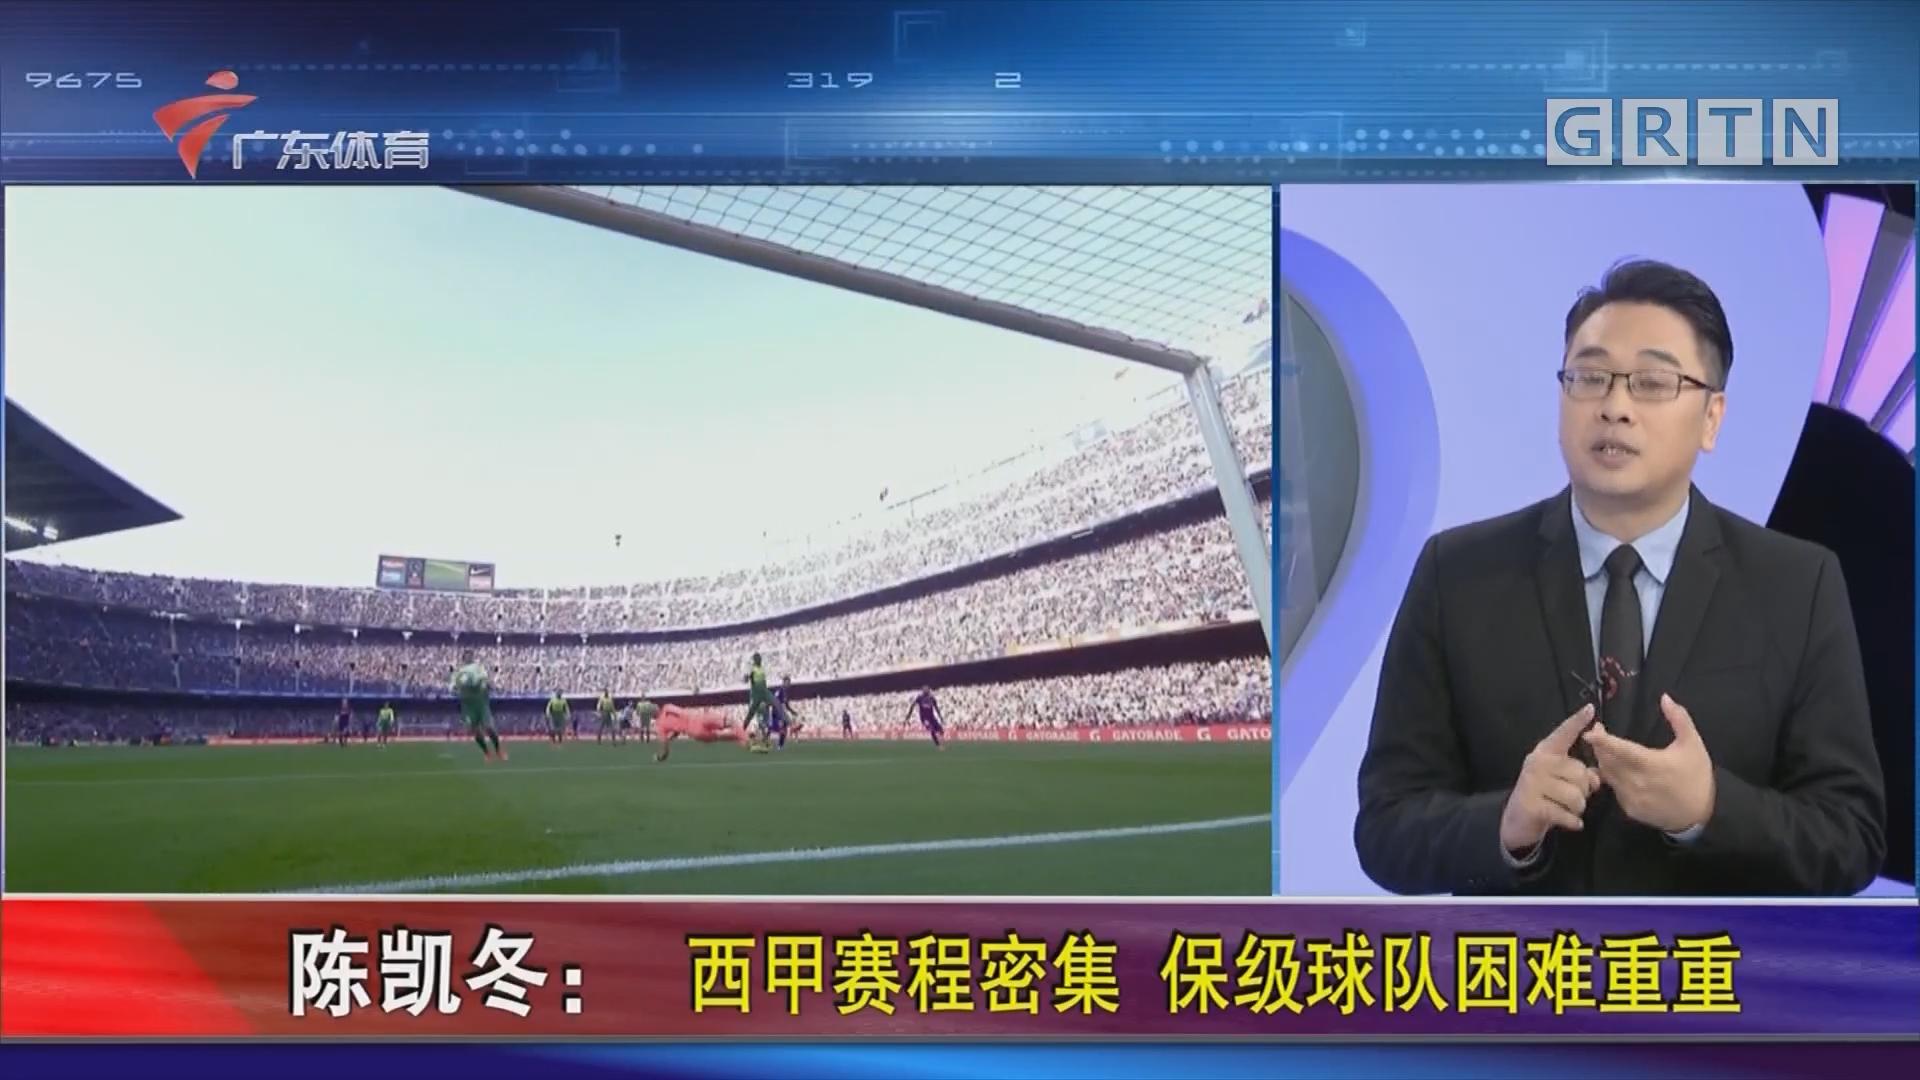 陳凱冬:西甲賽程密集 保級球隊困難重重